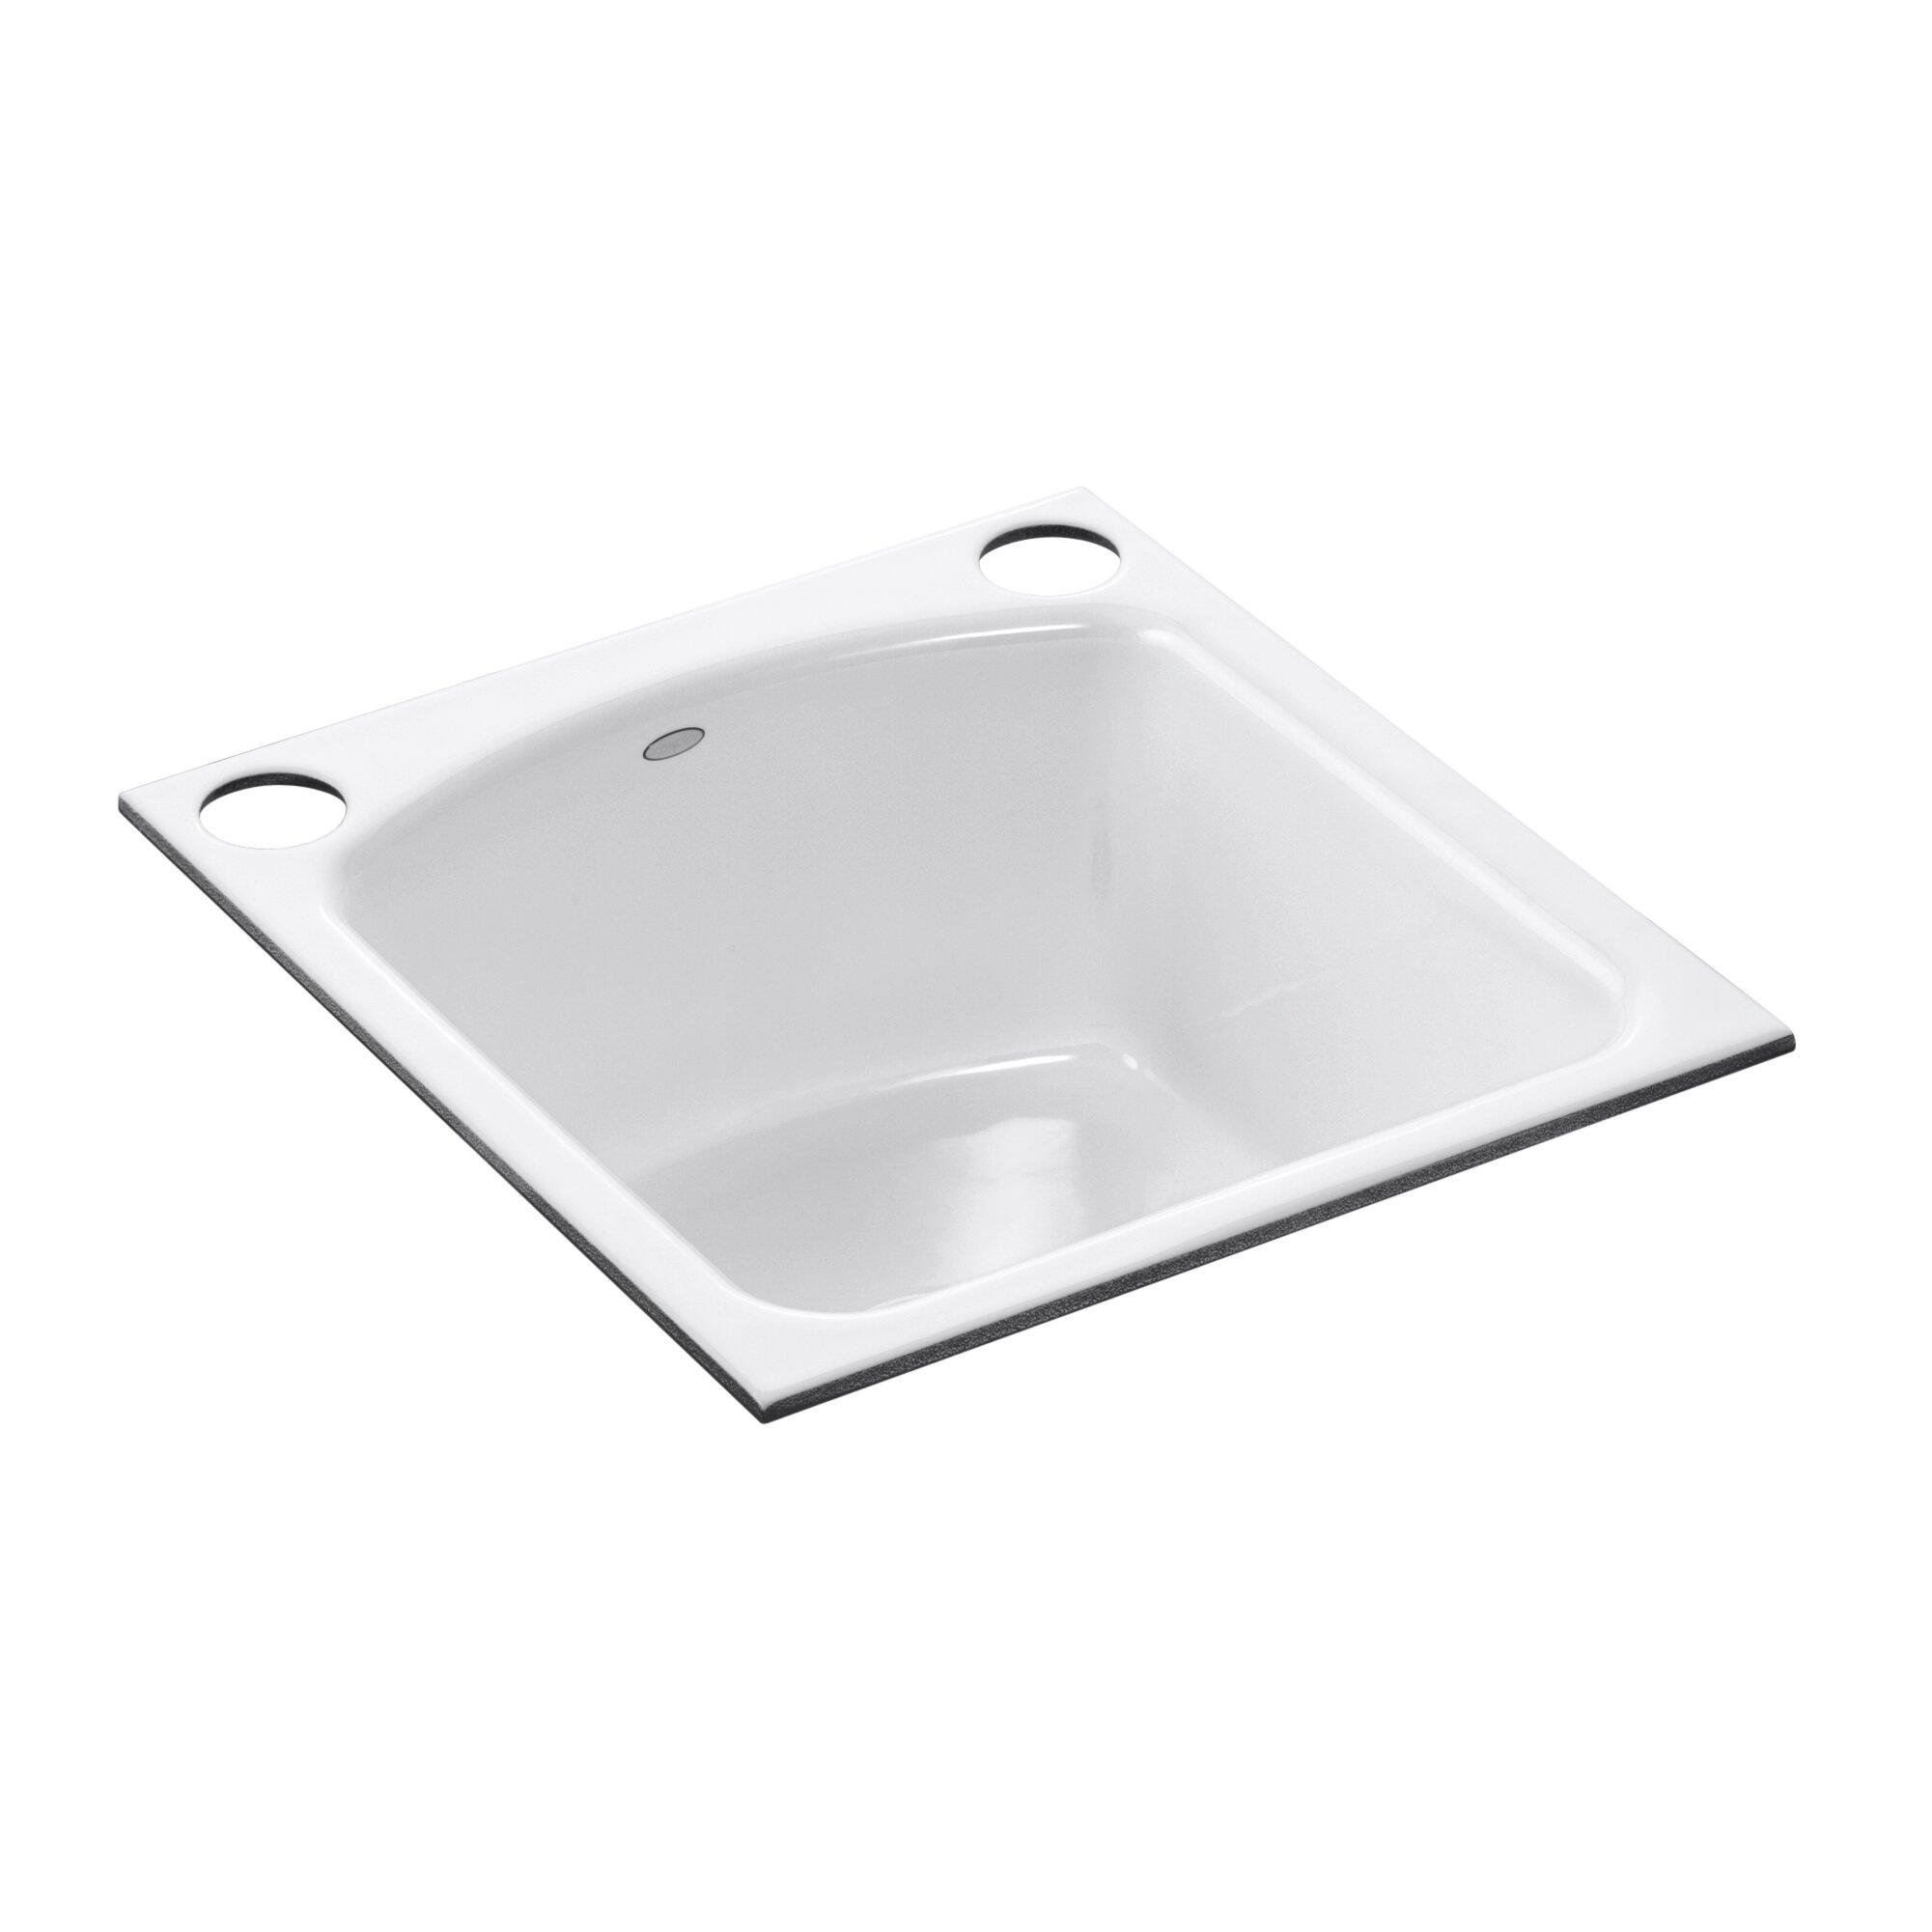 Kohler Bar Sink Faucet : Kohler Napa Under-Mount Bar Sink with 2 Oversize Faucet Holes ...